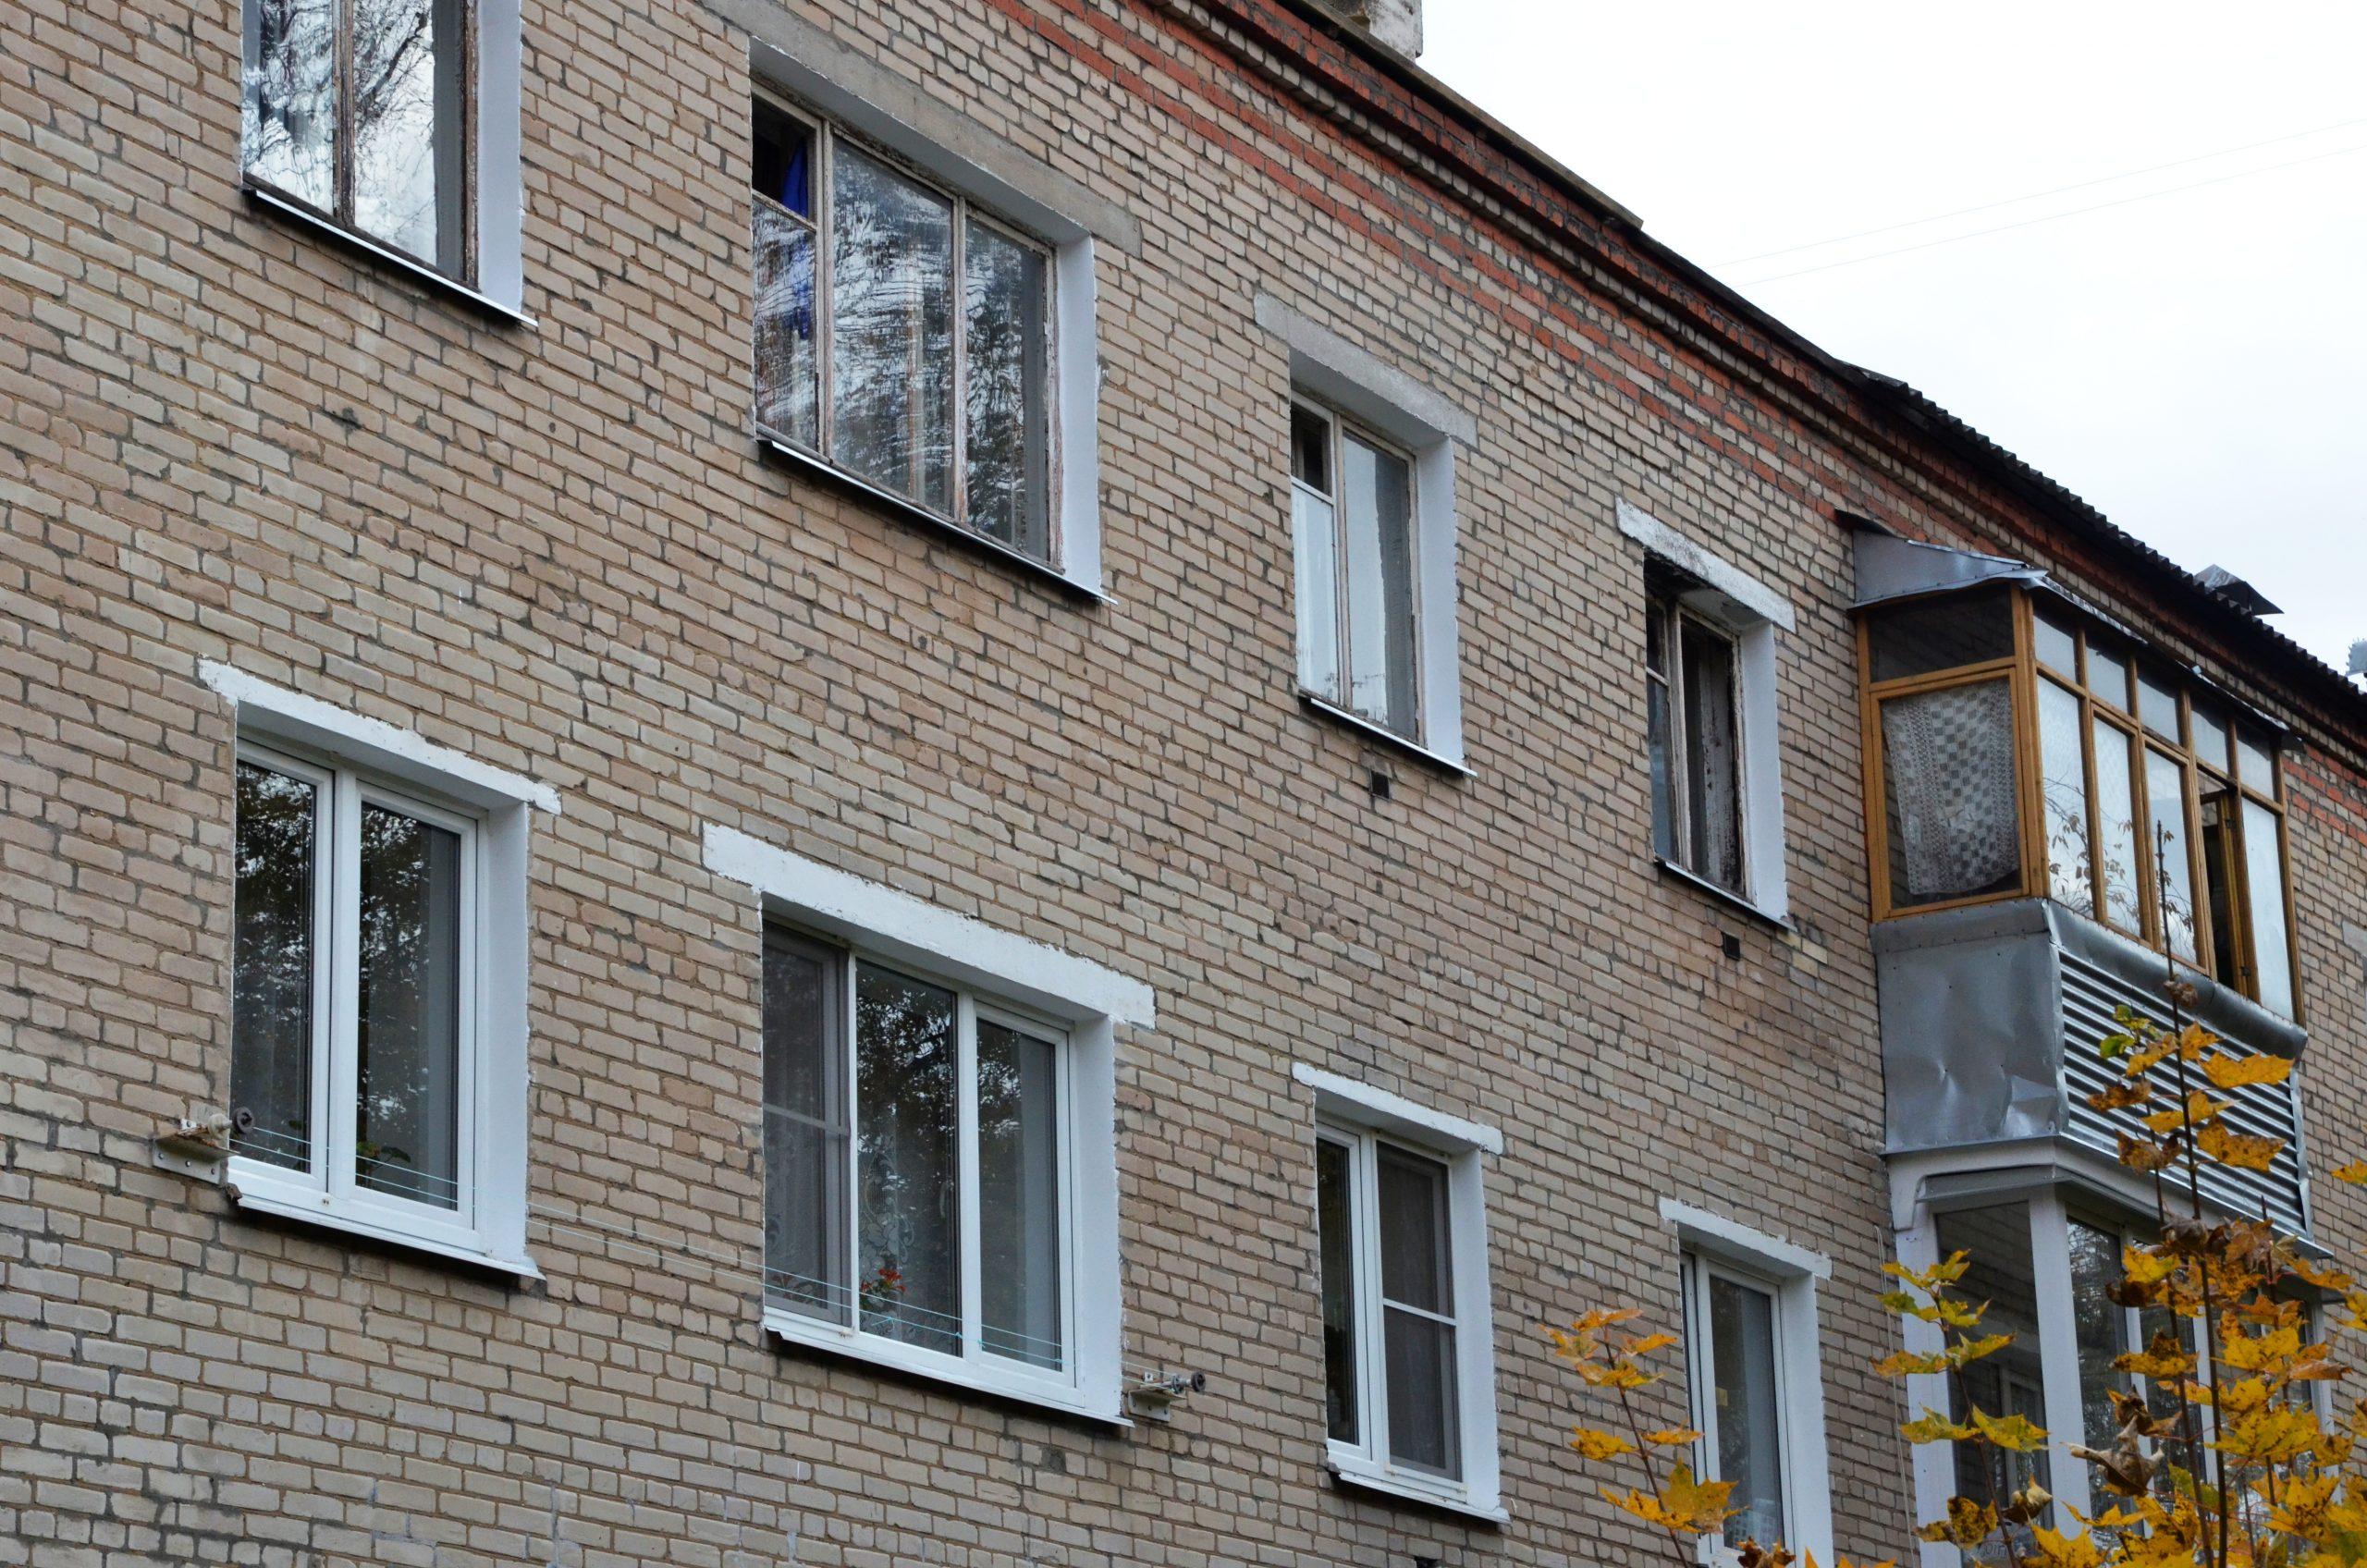 Новые социальные объекты появятся в Михайлово-Ярцевском в рамках программы реновации